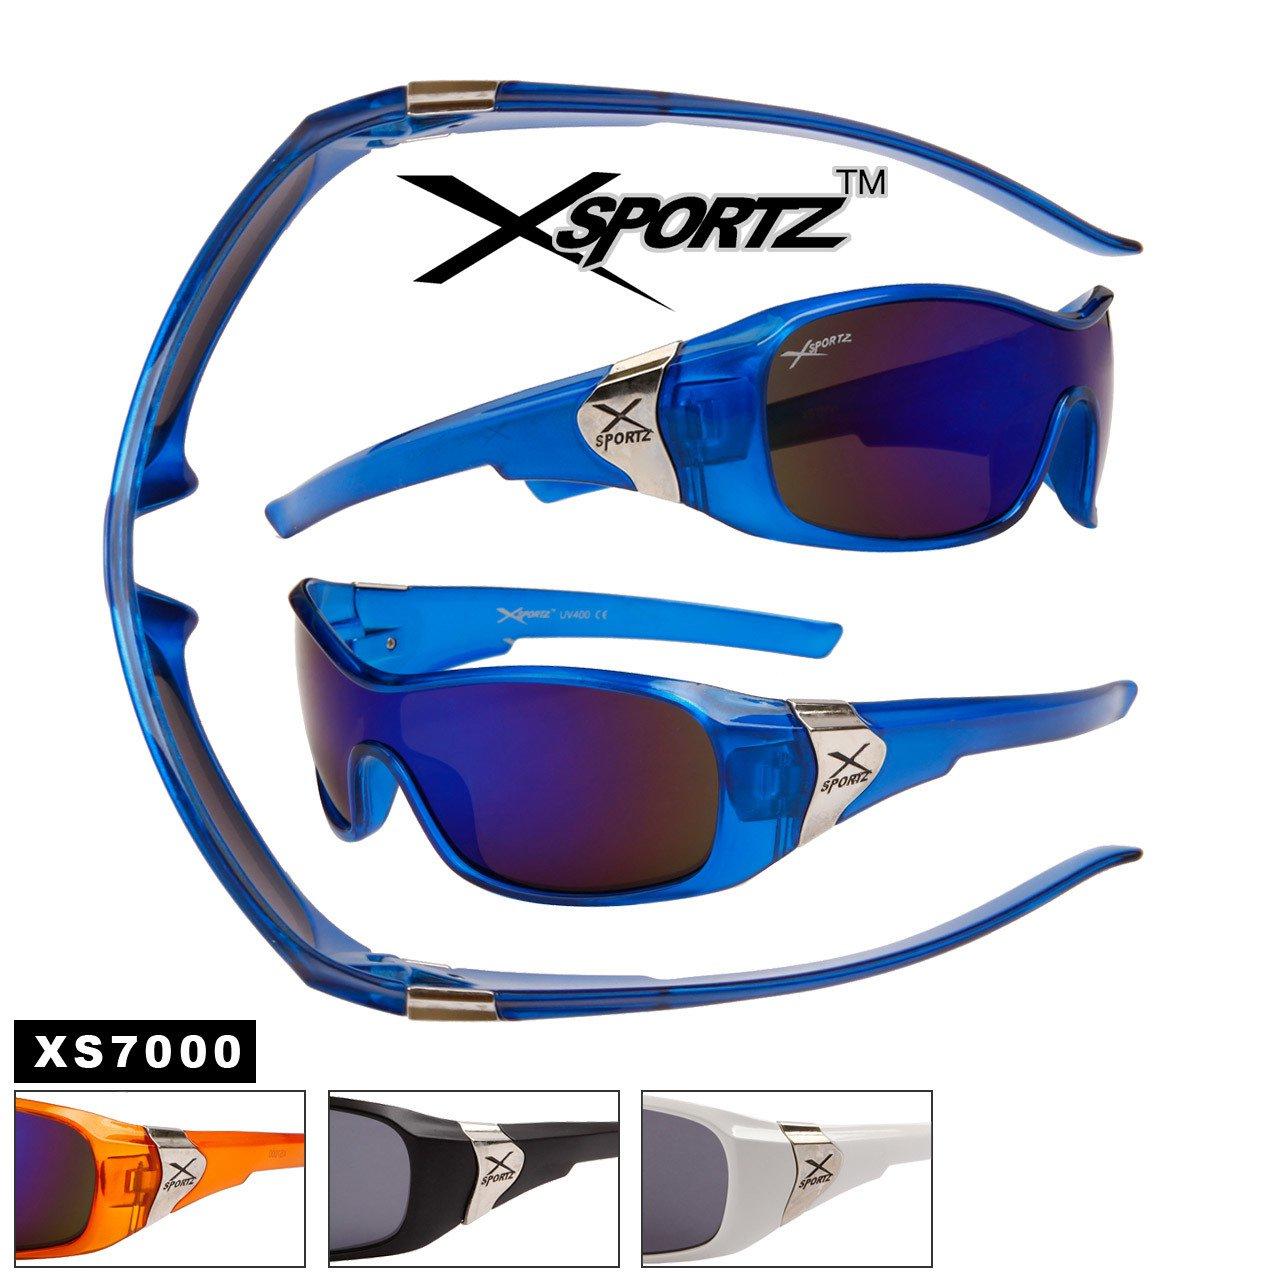 MEN'S DESIGNER INSPIRED BLUE SPORTY XSPORT SUNGLASSES